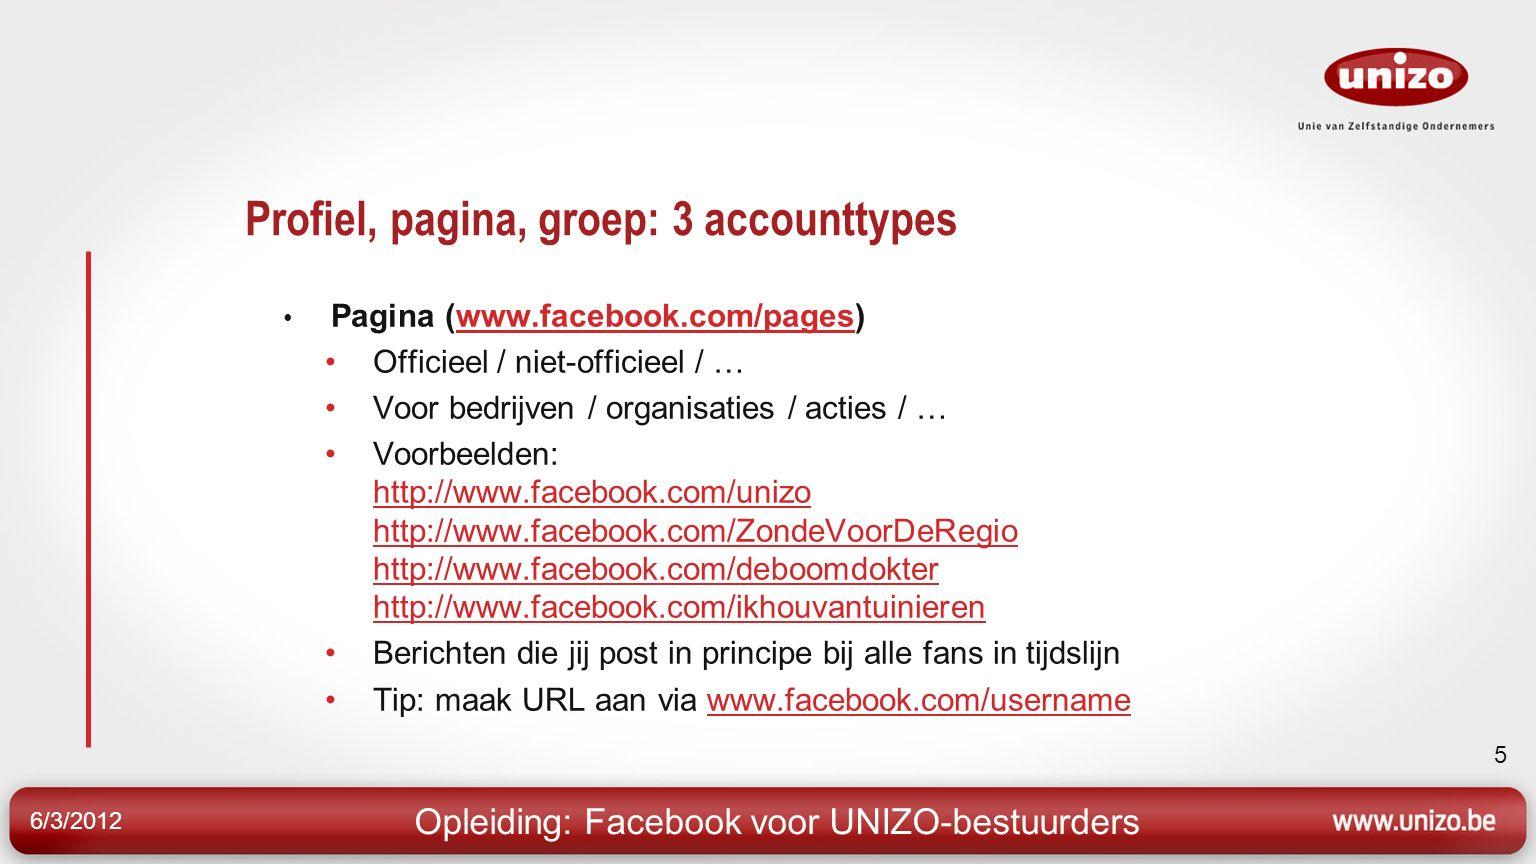 6/3/2012 5 Profiel, pagina, groep: 3 accounttypes Pagina (www.facebook.com/pages)www.facebook.com/pages Officieel / niet-officieel / … Voor bedrijven / organisaties / acties / … Voorbeelden: http://www.facebook.com/unizo http://www.facebook.com/ZondeVoorDeRegio http://www.facebook.com/deboomdokter http://www.facebook.com/ikhouvantuinieren http://www.facebook.com/unizo http://www.facebook.com/ZondeVoorDeRegio http://www.facebook.com/deboomdokter http://www.facebook.com/ikhouvantuinieren Berichten die jij post in principe bij alle fans in tijdslijn Tip: maak URL aan via www.facebook.com/usernamewww.facebook.com/username Opleiding: Facebook voor UNIZO-bestuurders